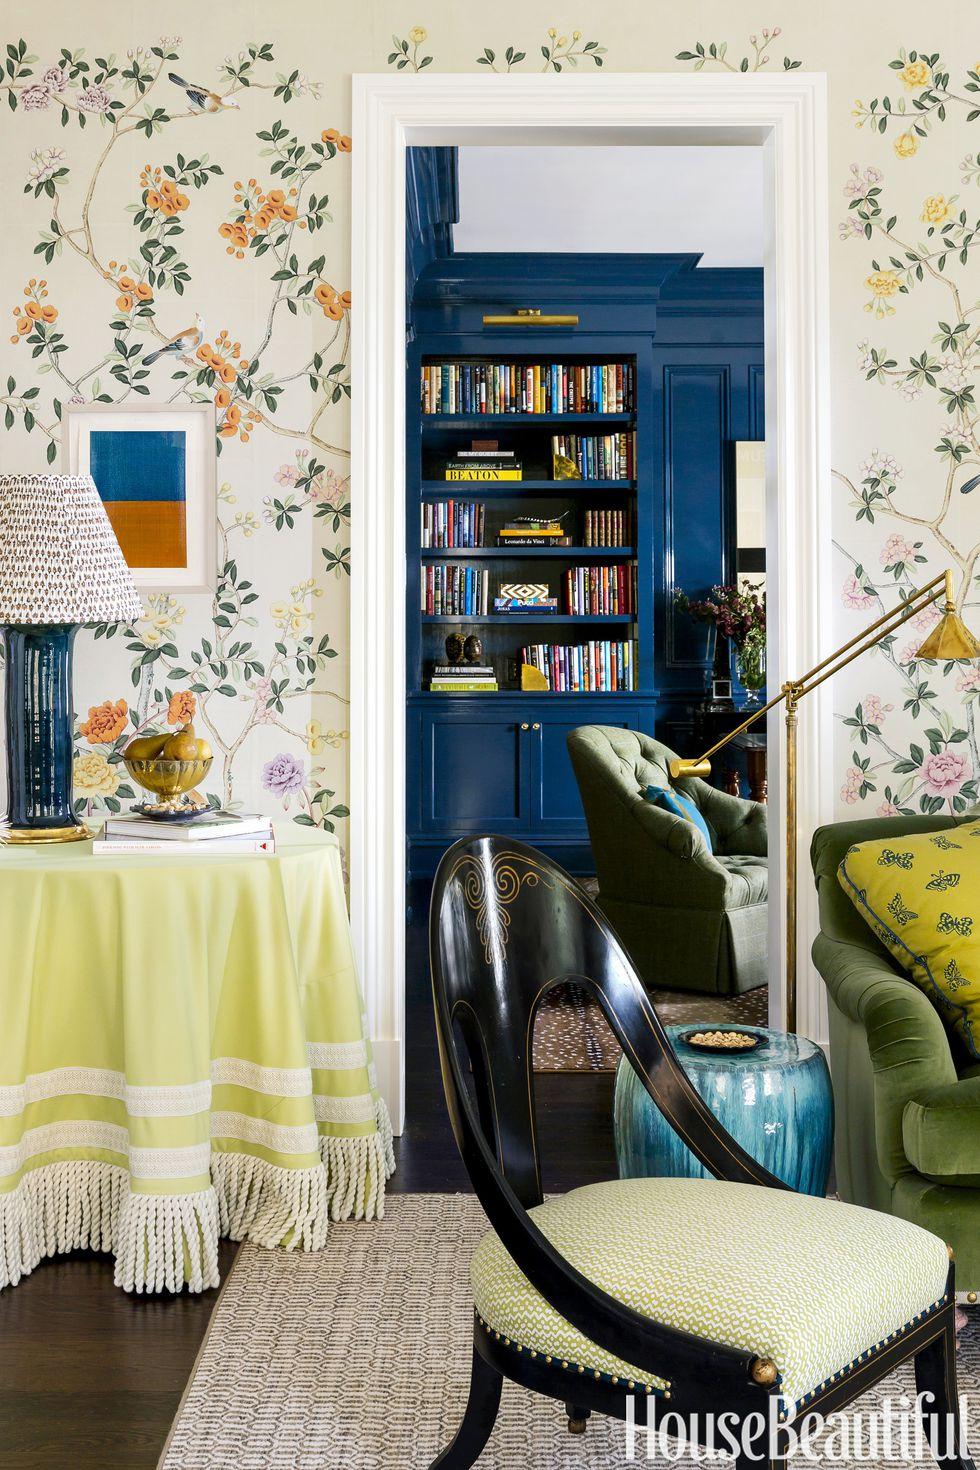 ashley-whittaker-living-room-corner-0318-1517932409.jpg